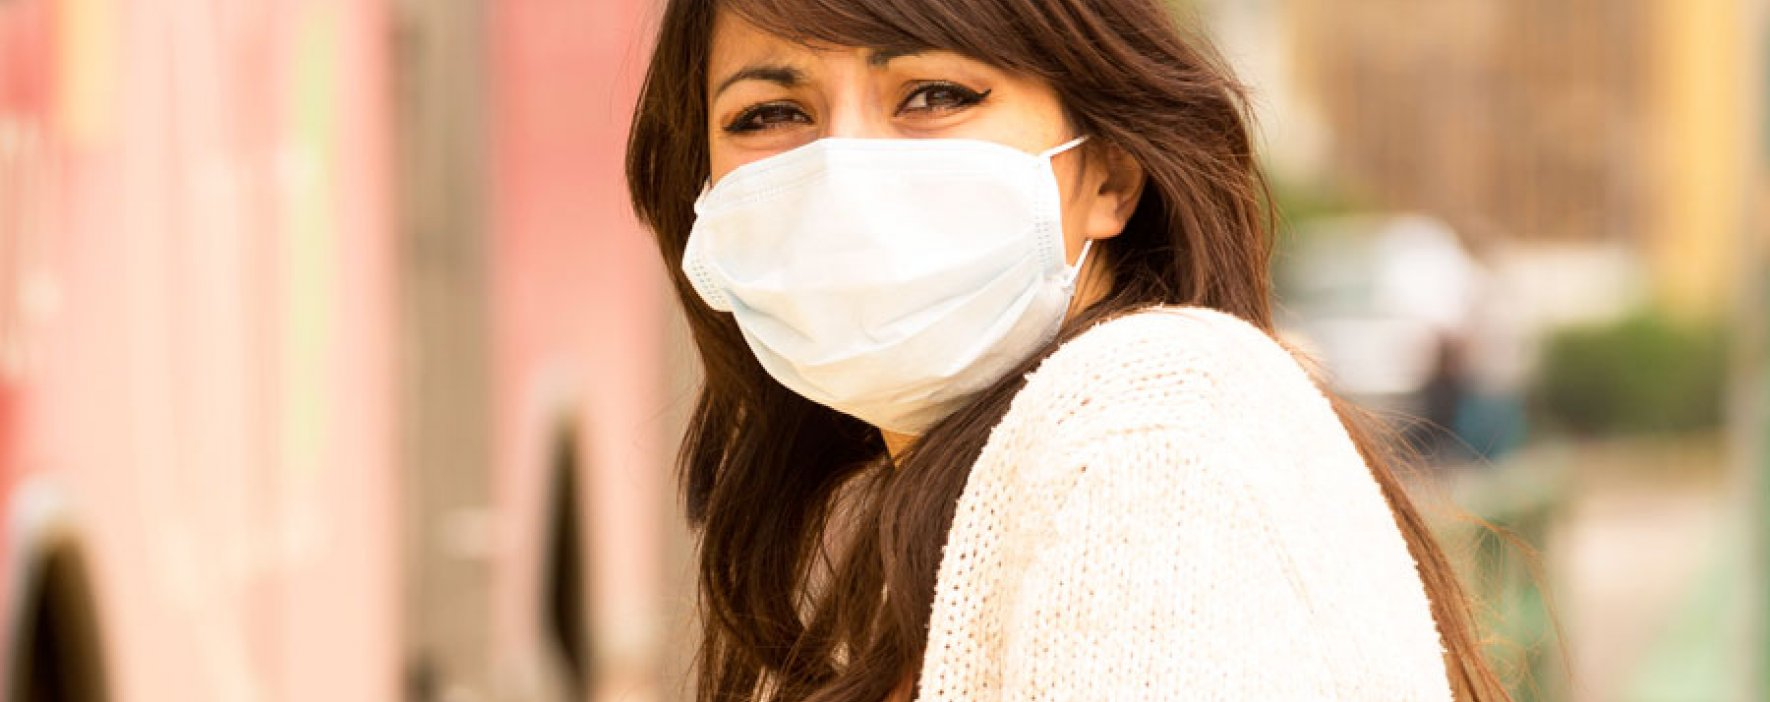 Polución: Cuarto factor de riesgo para la salud humana